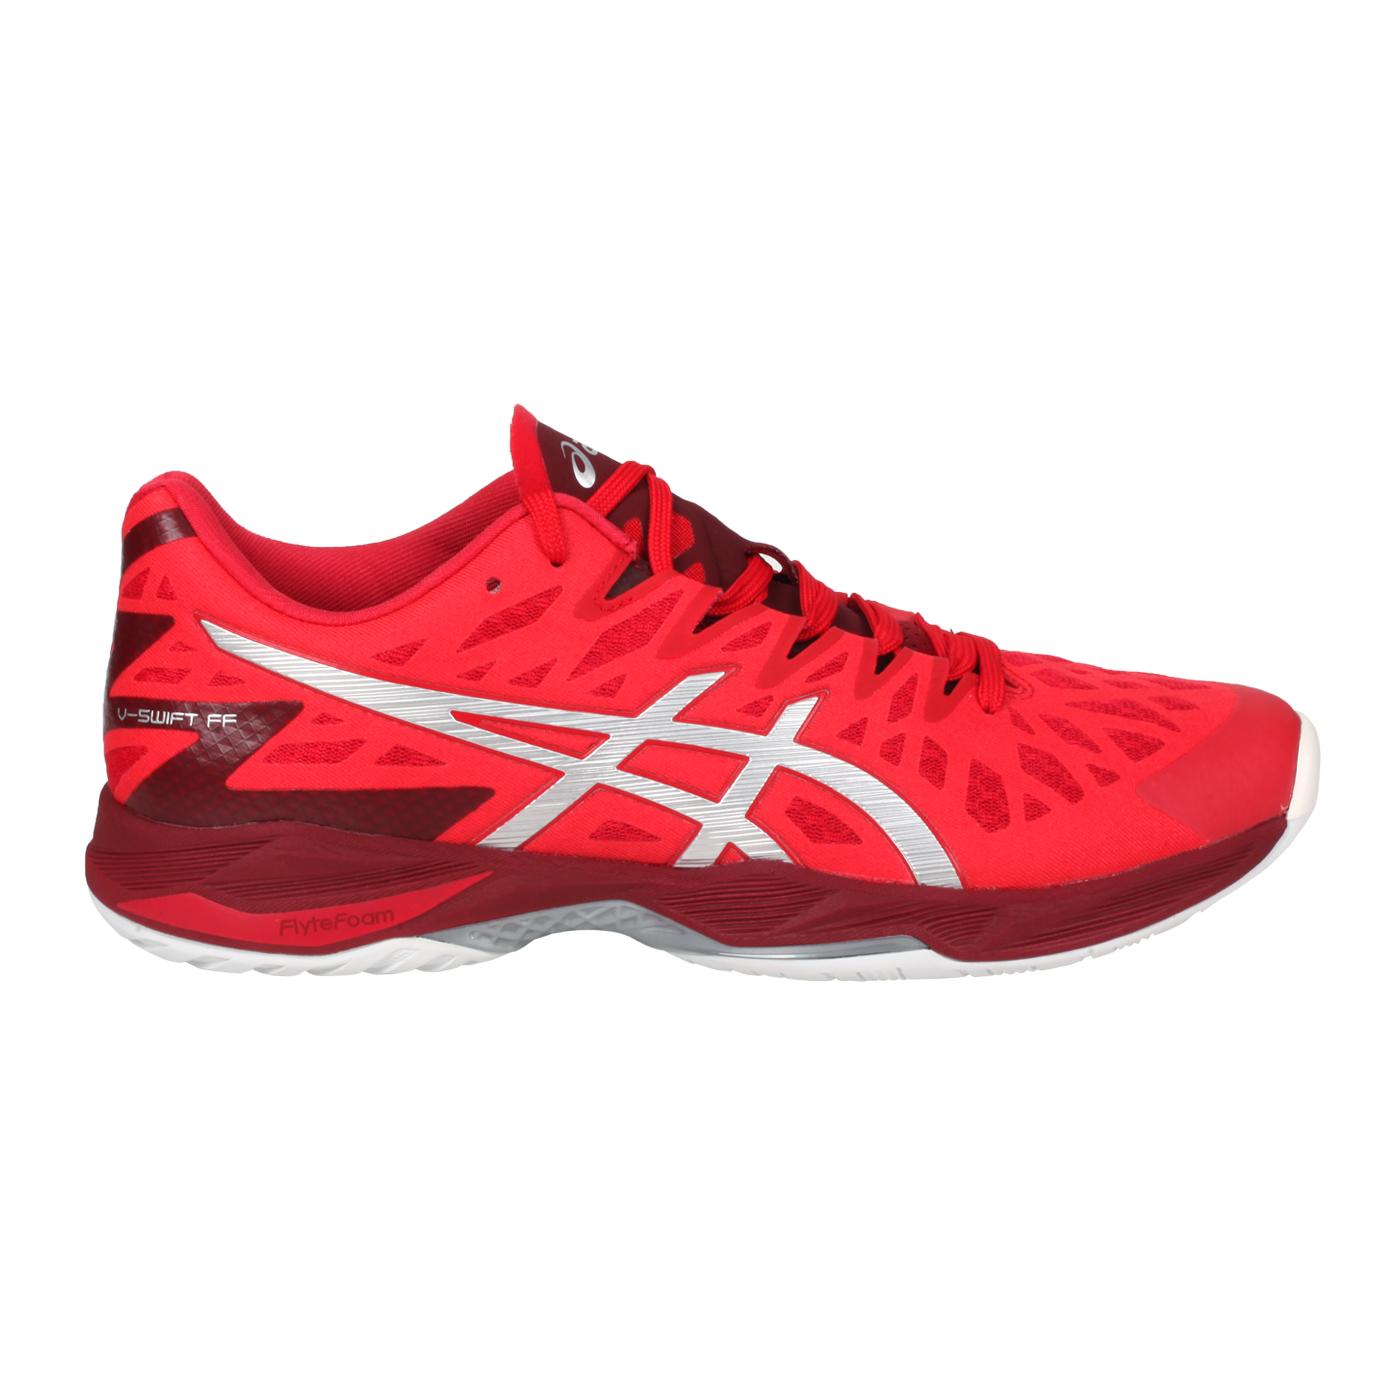 ASICS 男款排羽球鞋  @V-SWIFT FF 2@1053A017-600